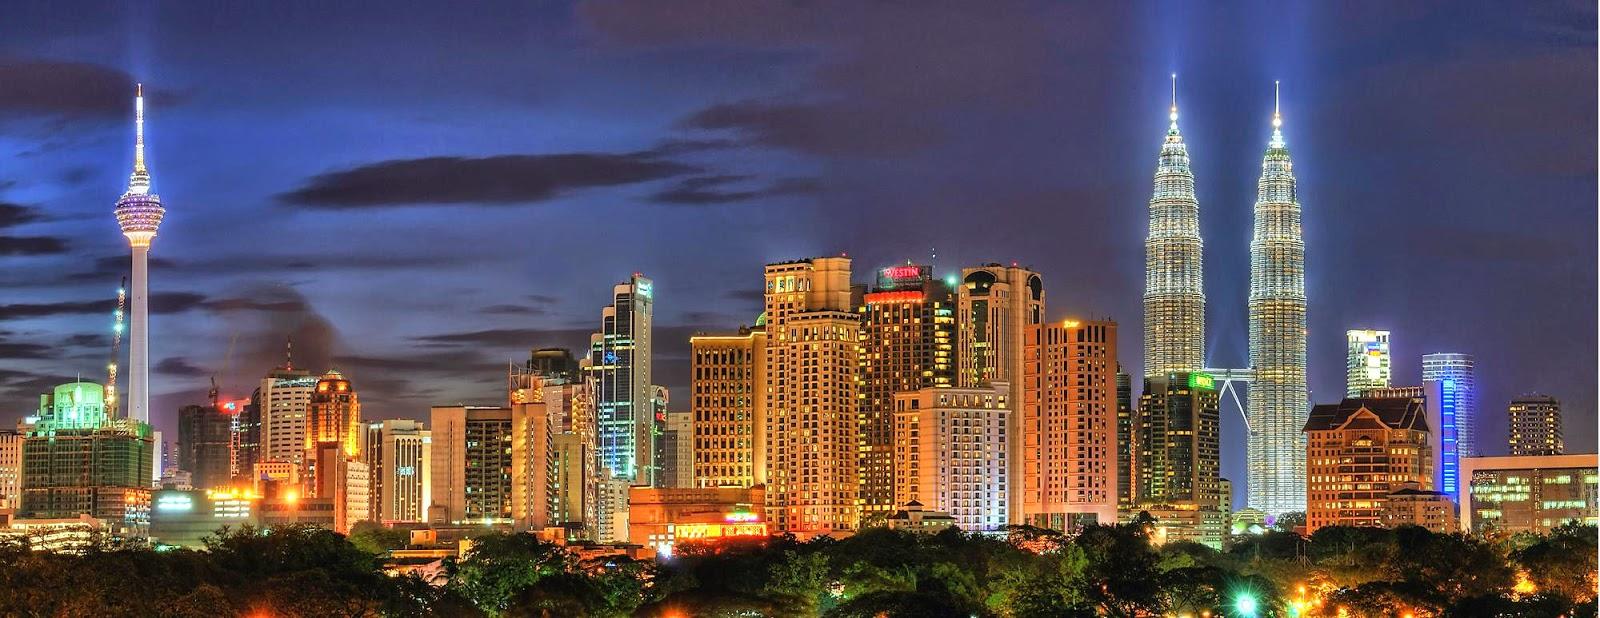 Paket Wisata Hemat Malaysia, Liburan Murah malaysia, Corporate gathering Malaysia Hubungi Jelajah hemat 081286551807